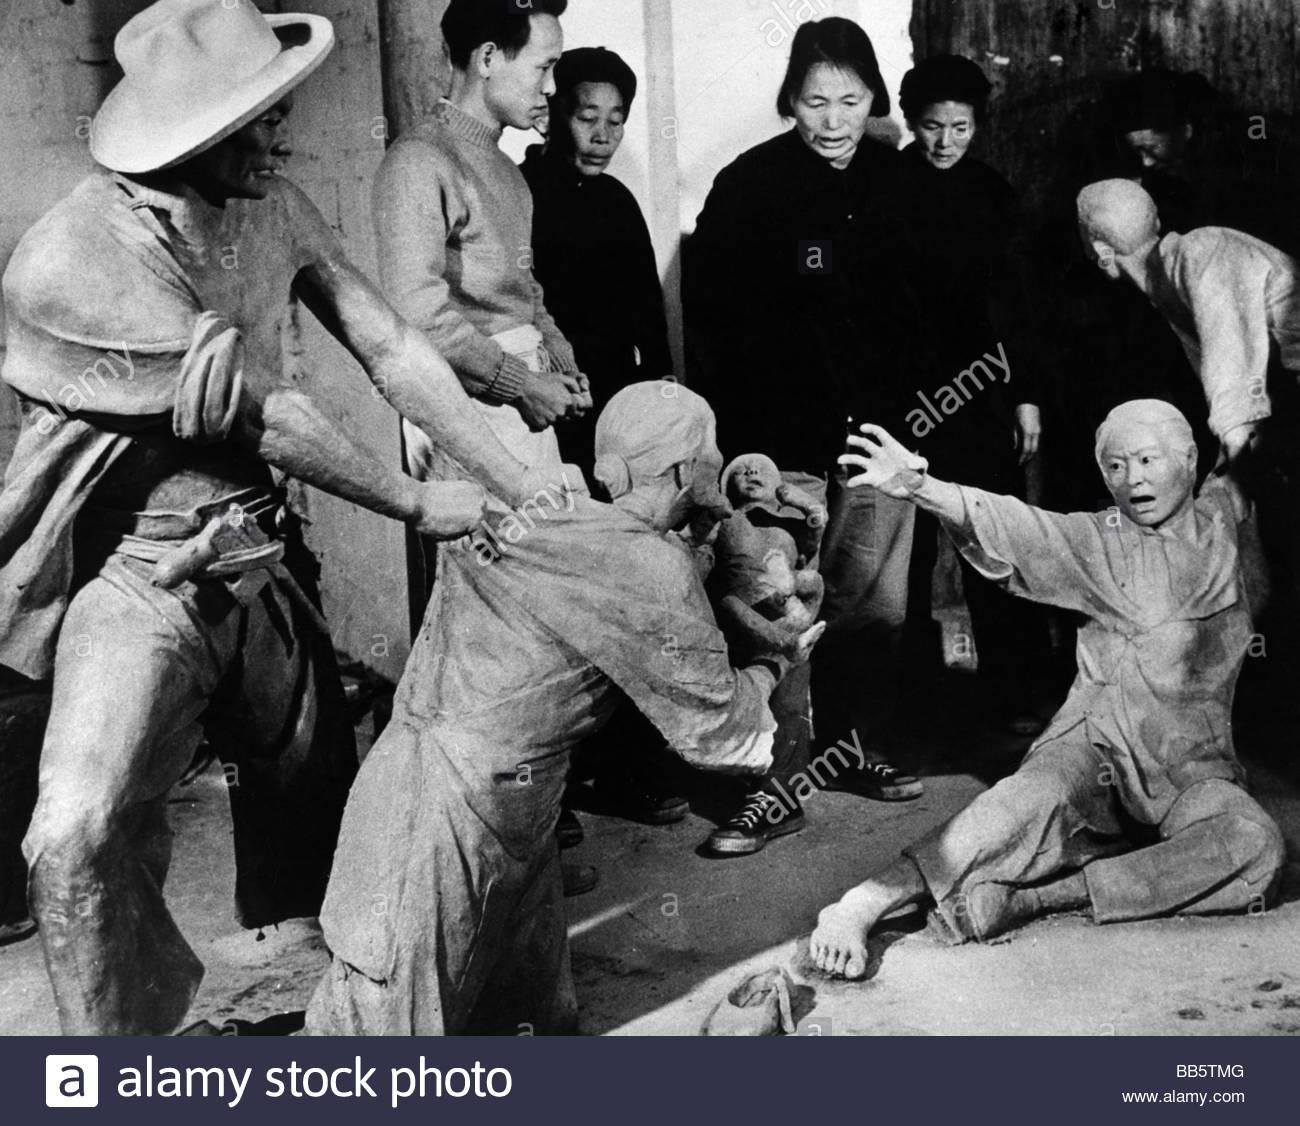 Geografia / viaggi, Cina, persone e un gruppo di Cinesi guardando un'argilla gruppo scultoreo che mostra una Immagini Stock